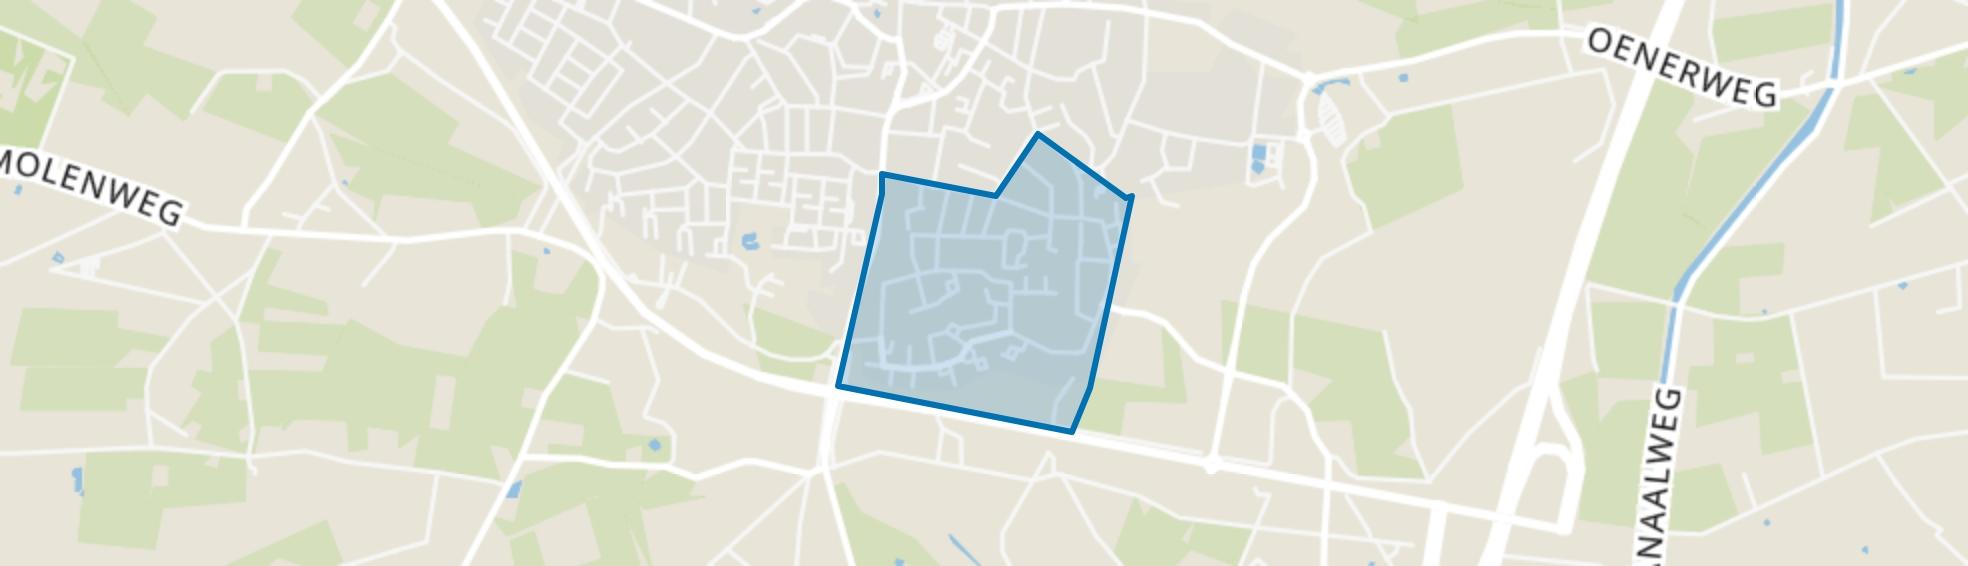 Vegtelarij, Epe map